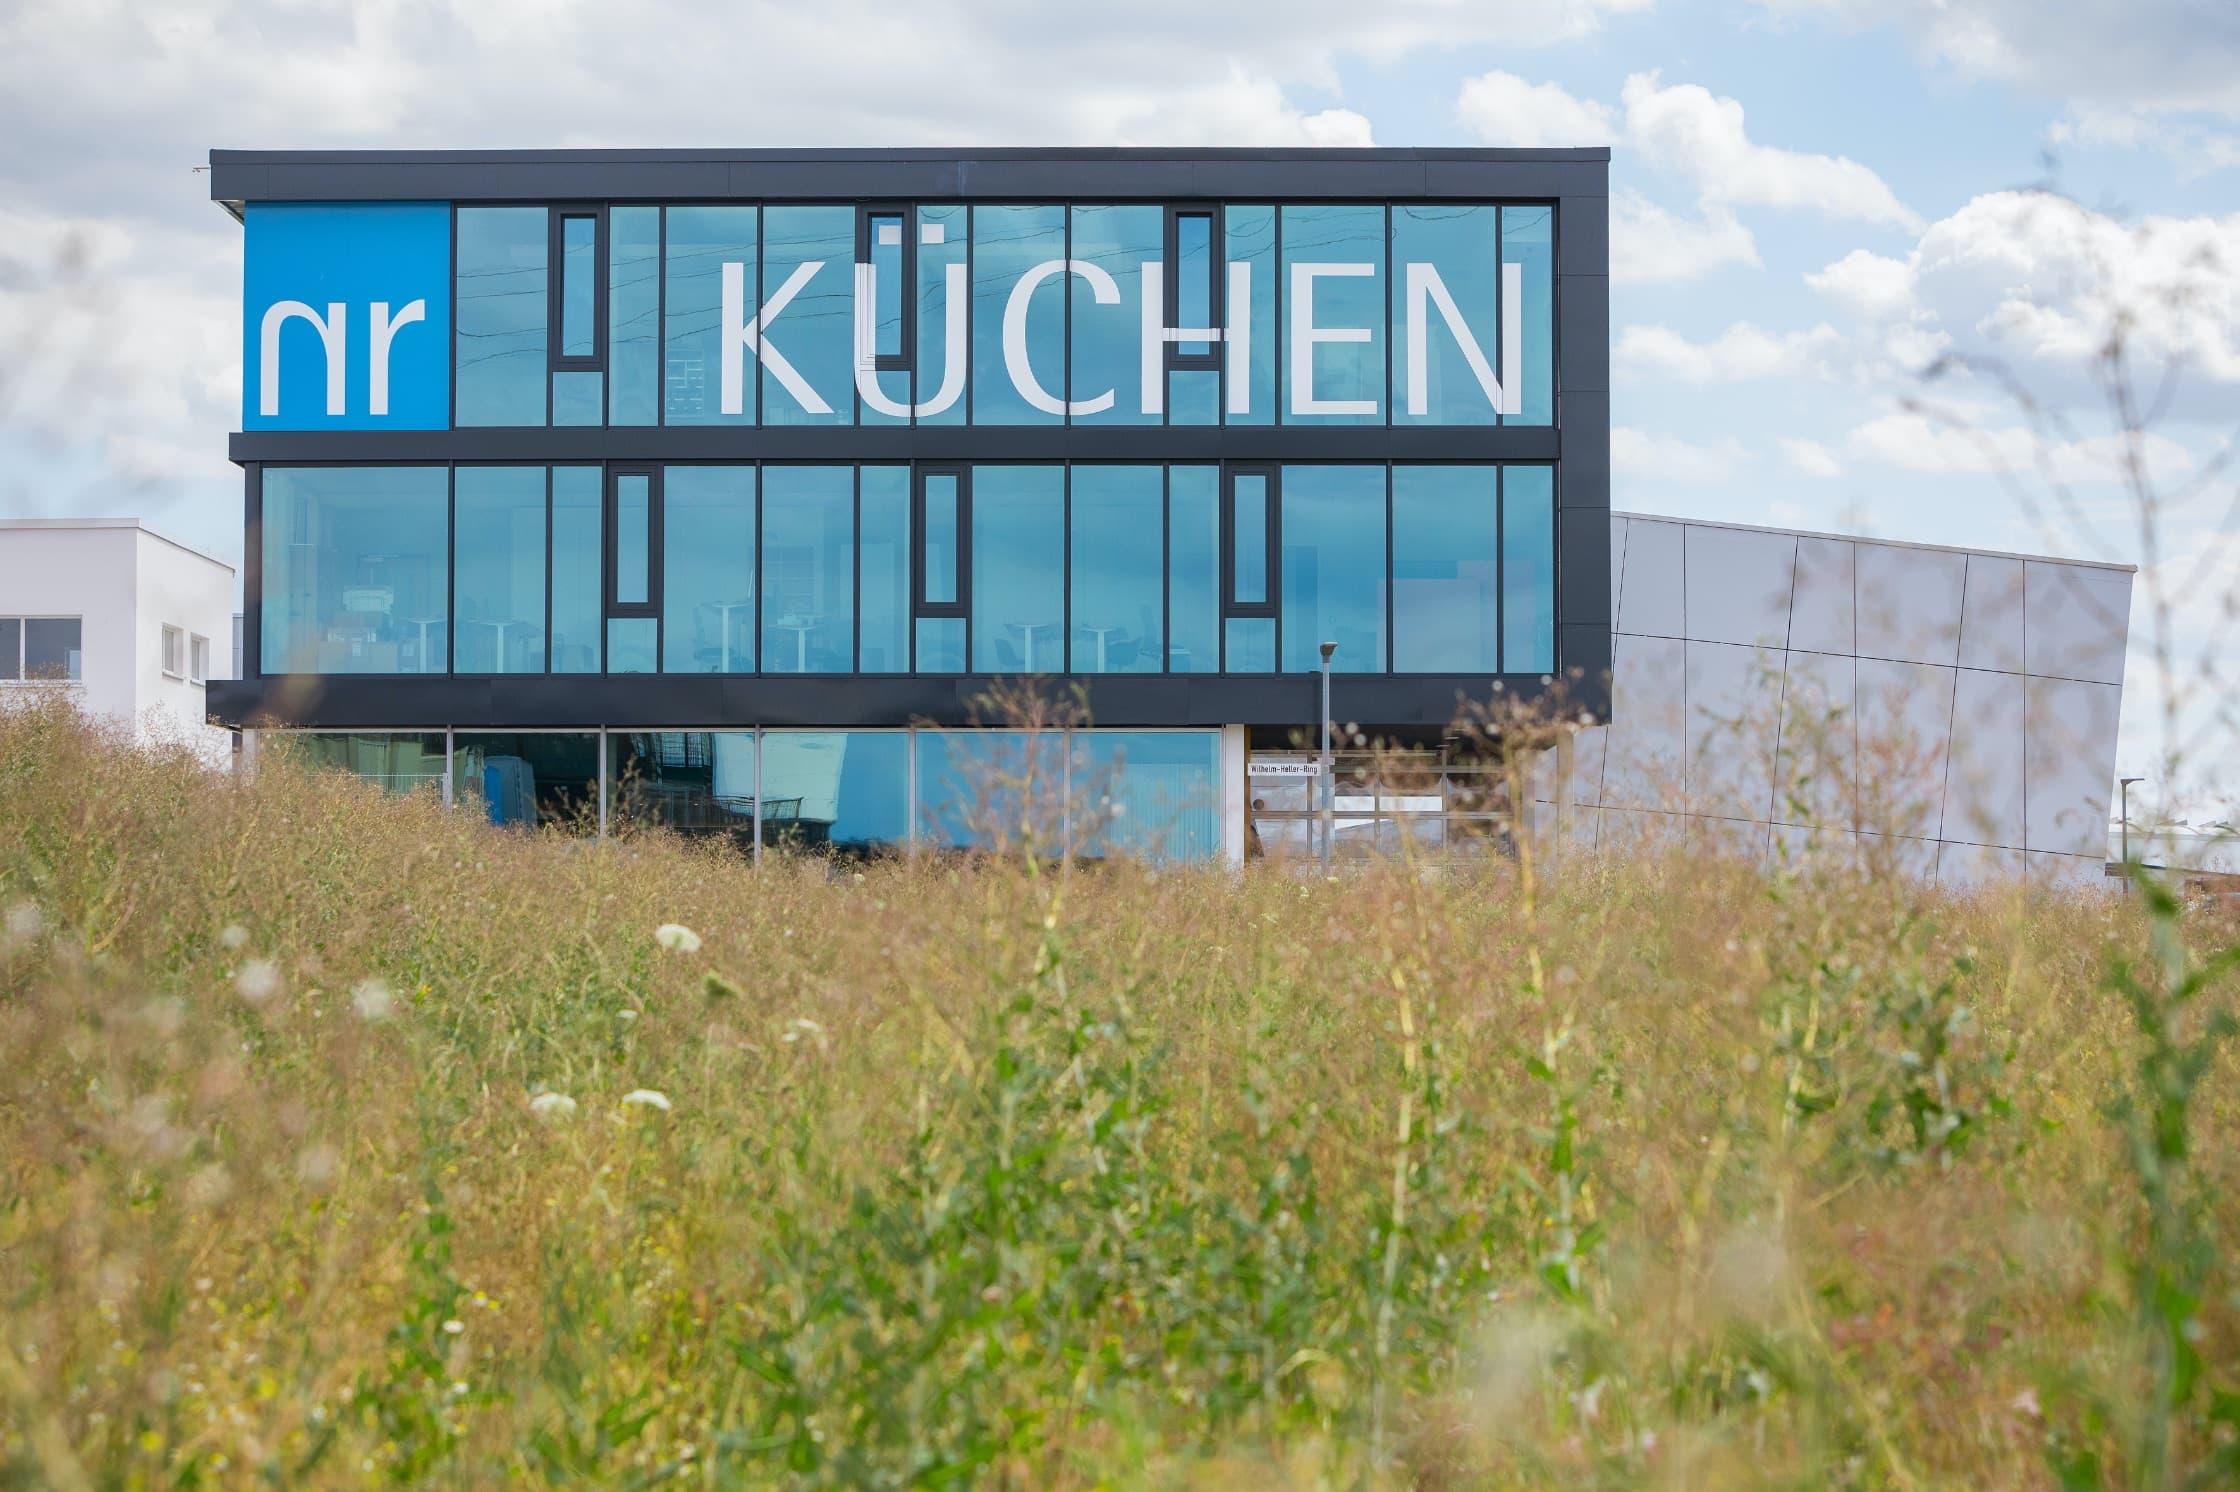 Showroom und Produktion in Schwäbisch Hall: hier arbeitet das NR Küchen Team.